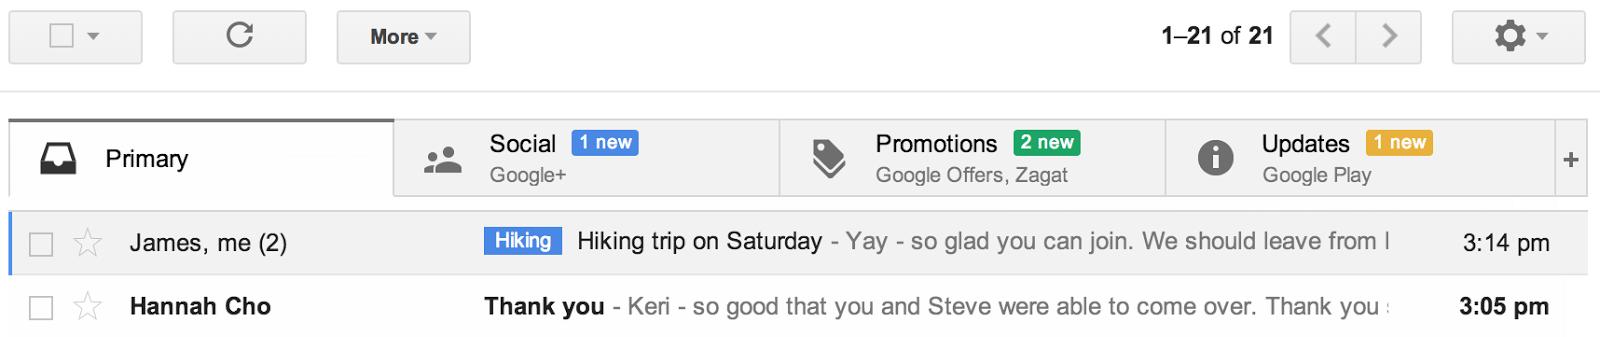 Nova caixa de entrada do Gmail